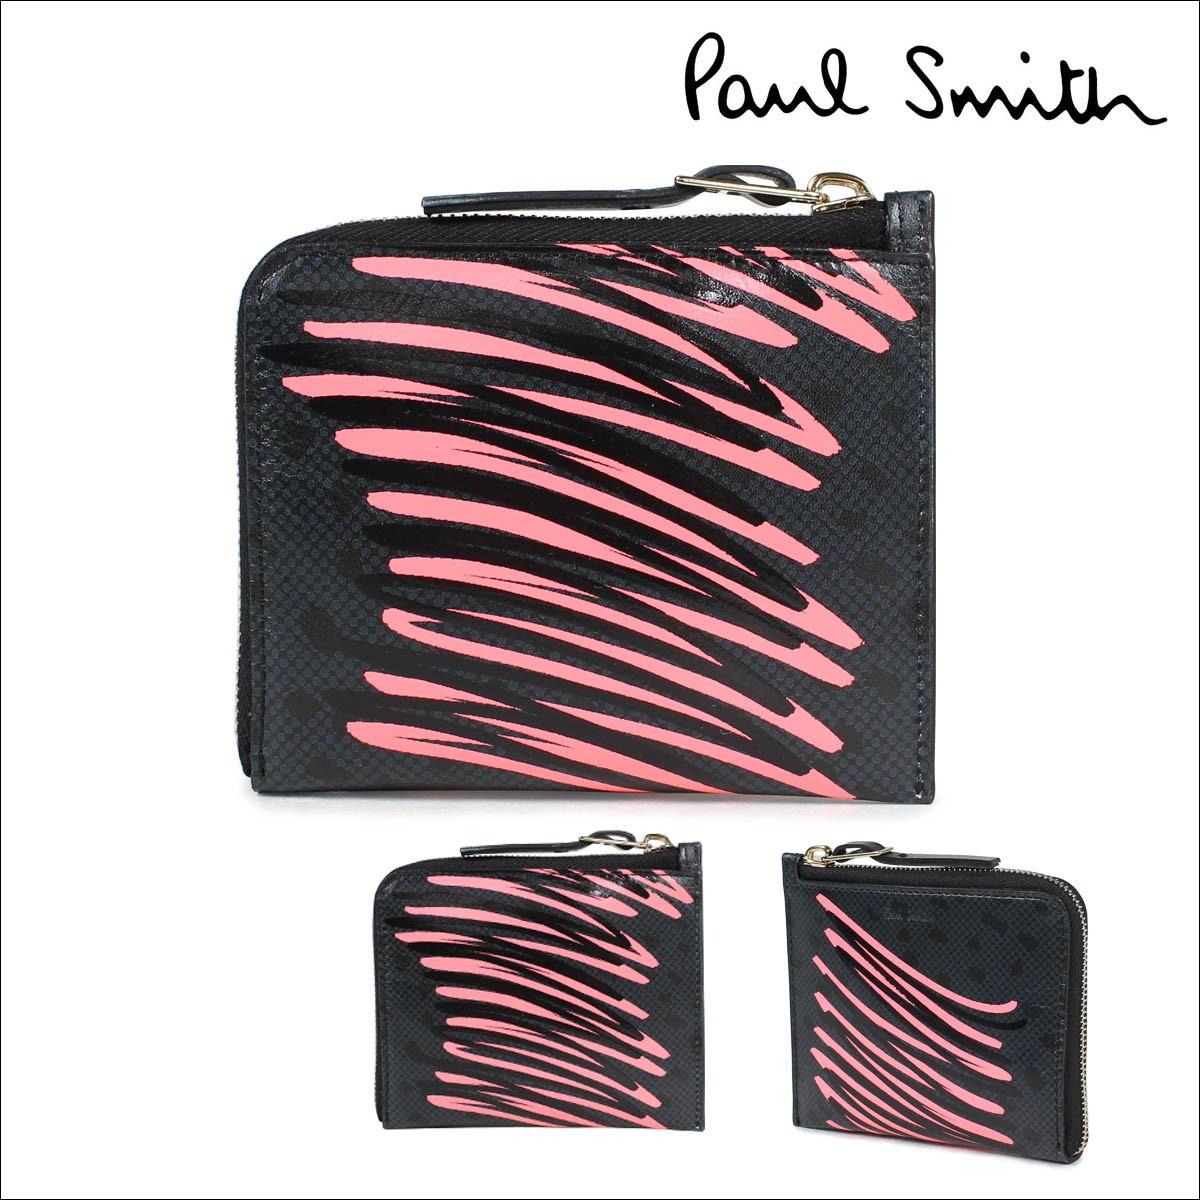 ポールスミス 財布 レディース 二つ折り Paul Smith 本革 ラウンドファスナー SMART WALLET ブラック 4539